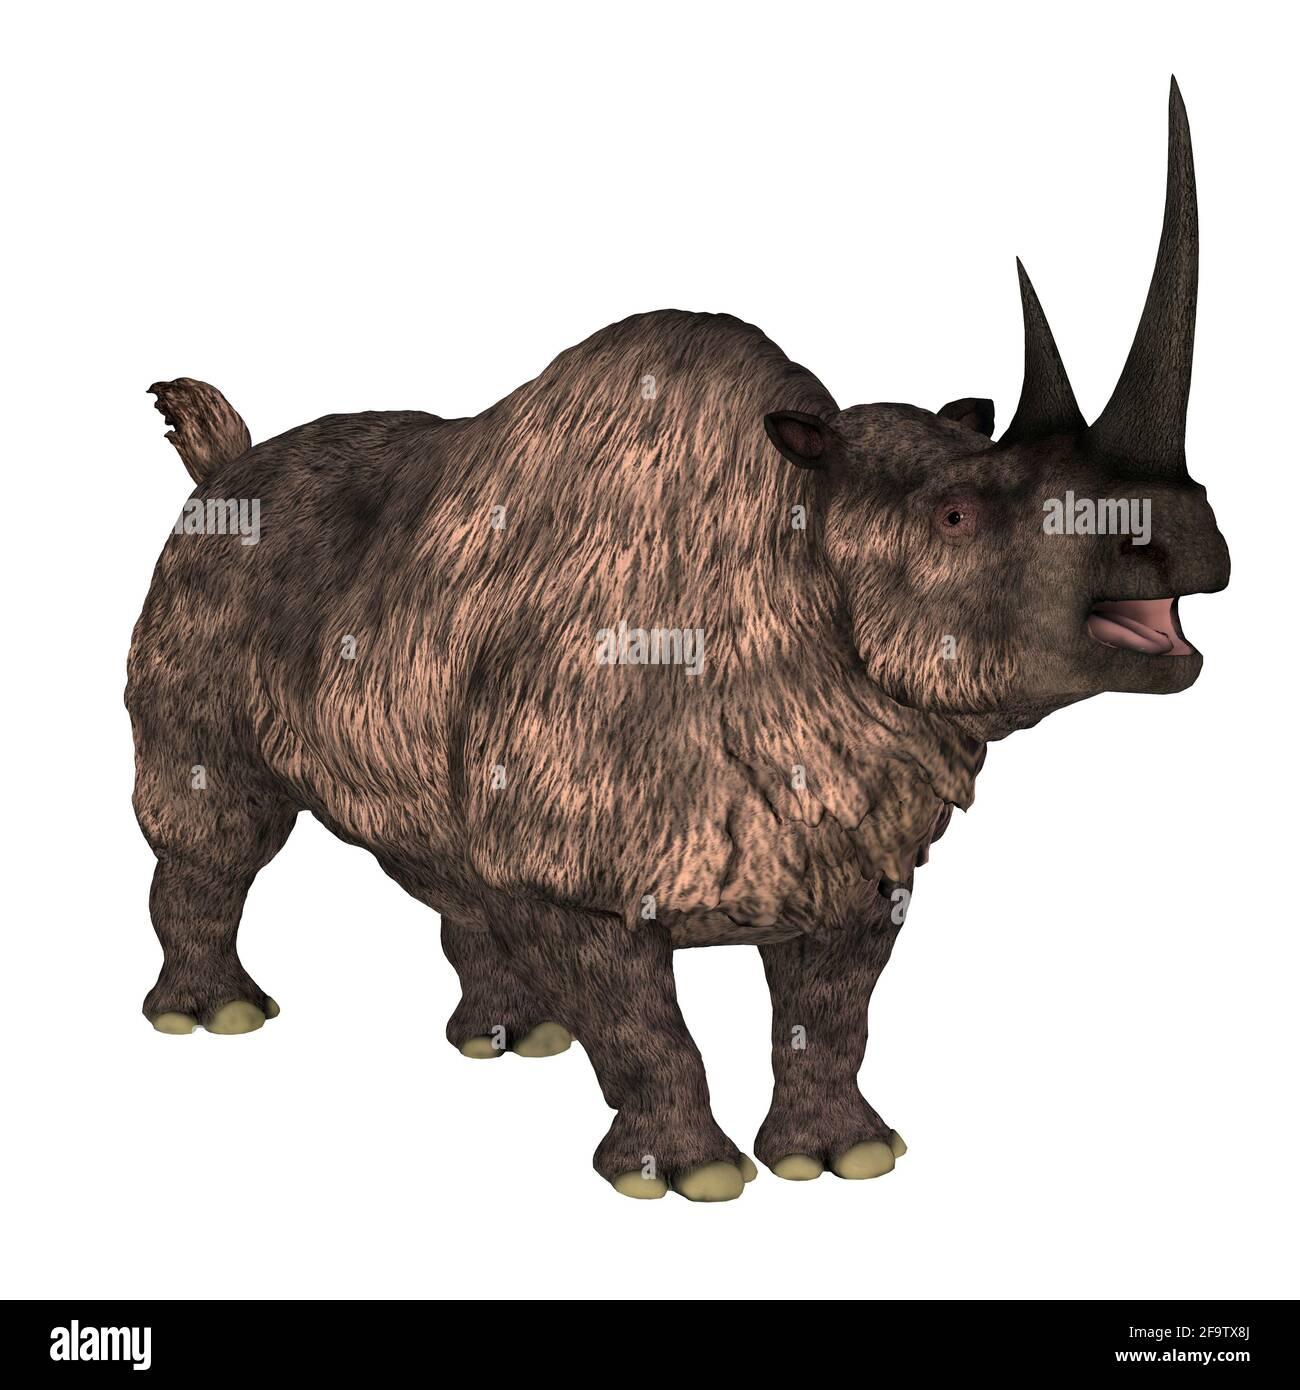 El rinoceronte de Woolly fue un mamífero herbívoro que vivió en Europa y Asia durante el período Pleistoceno. Foto de stock